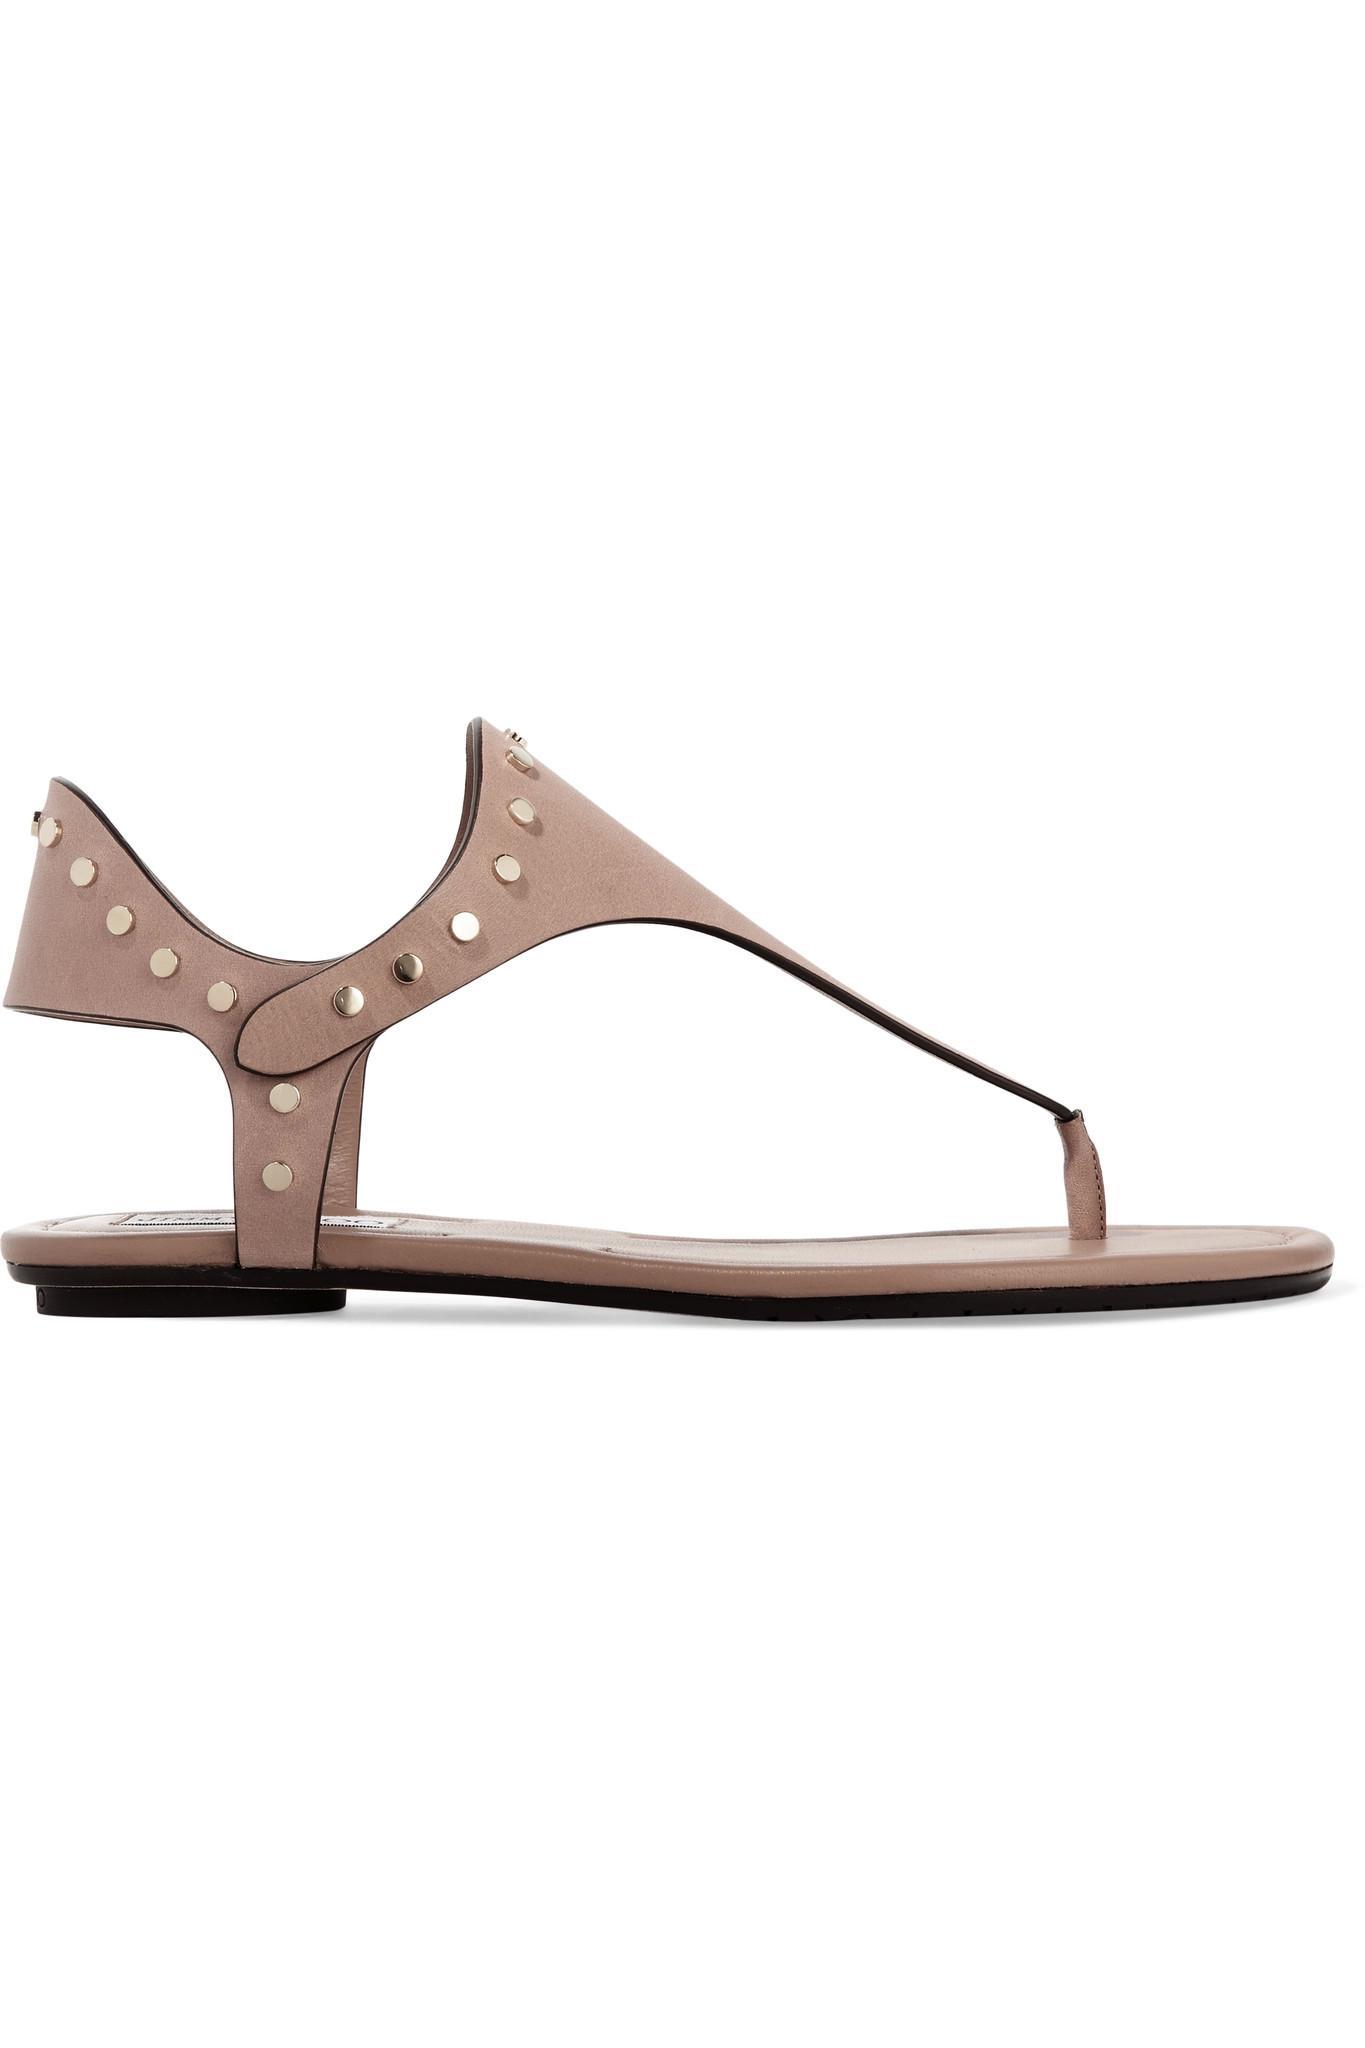 caf06f43cc7 Jimmy Choo Dara Studded Leather Sandals - Lyst